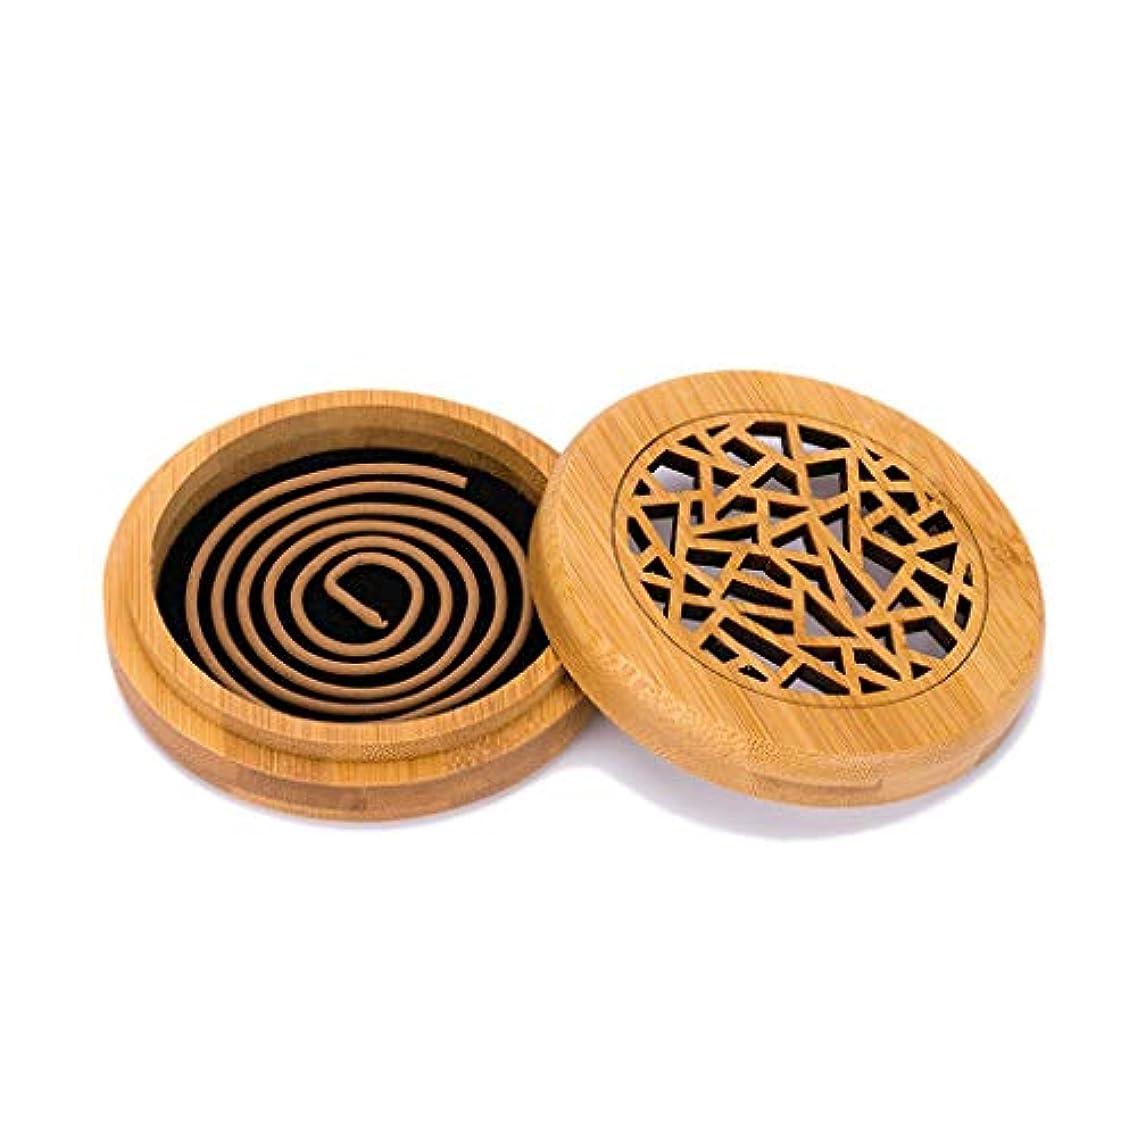 シネウィドラゴンエネルギー竹の香バーナーコイルの香バーナー部屋の装飾瞑想竹の香り天然素材香ホルダー (Color : WOOD, サイズ : Round)